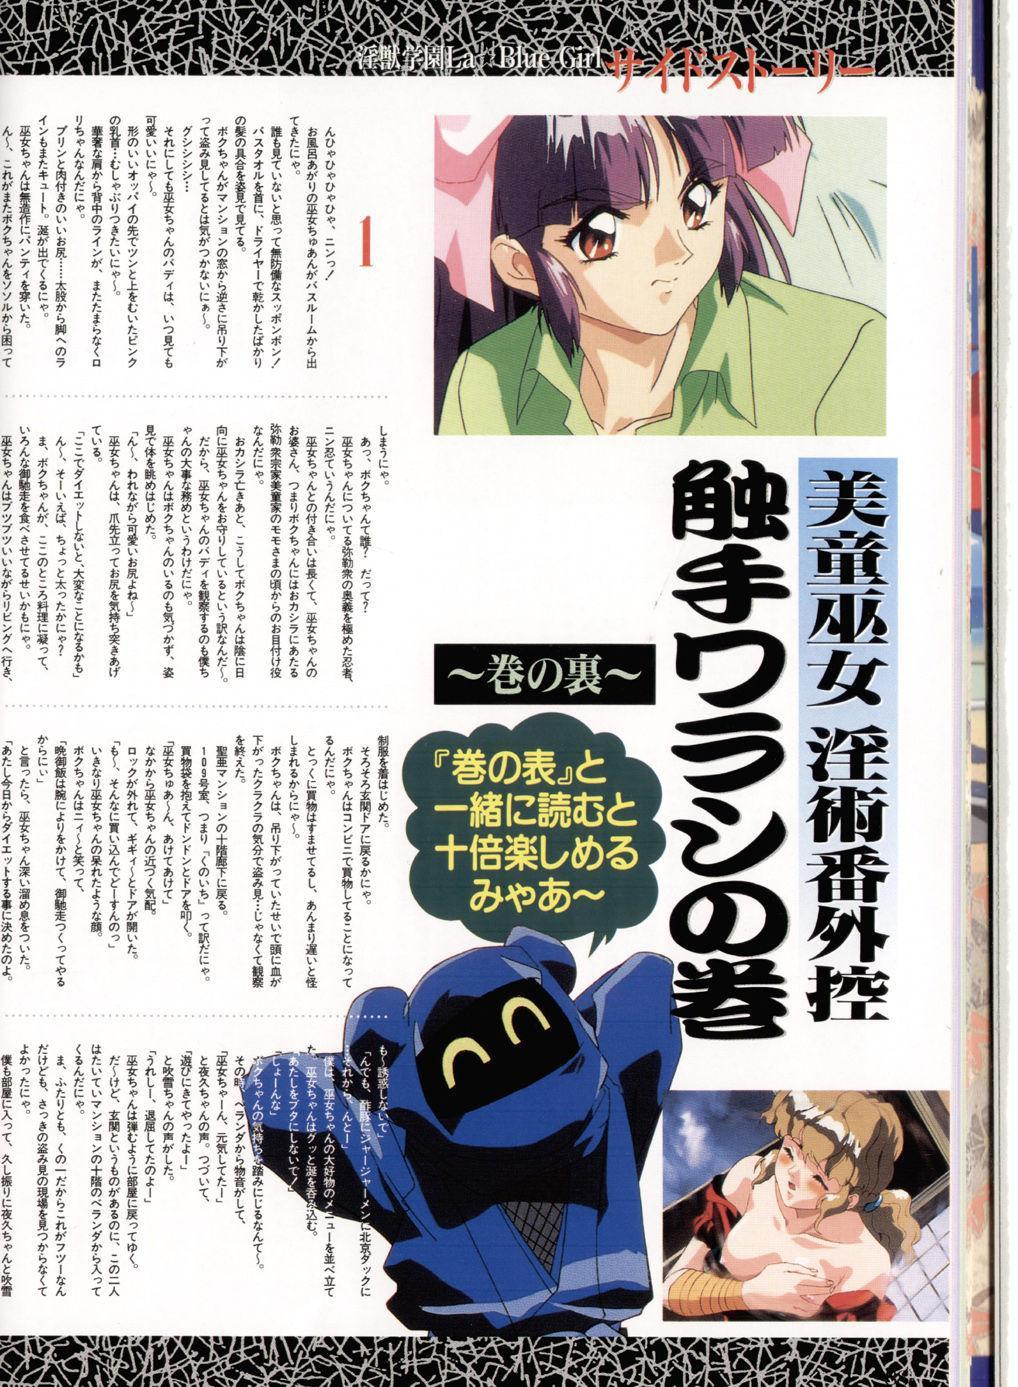 Injuu Gakuen You no Shou Secret File 83